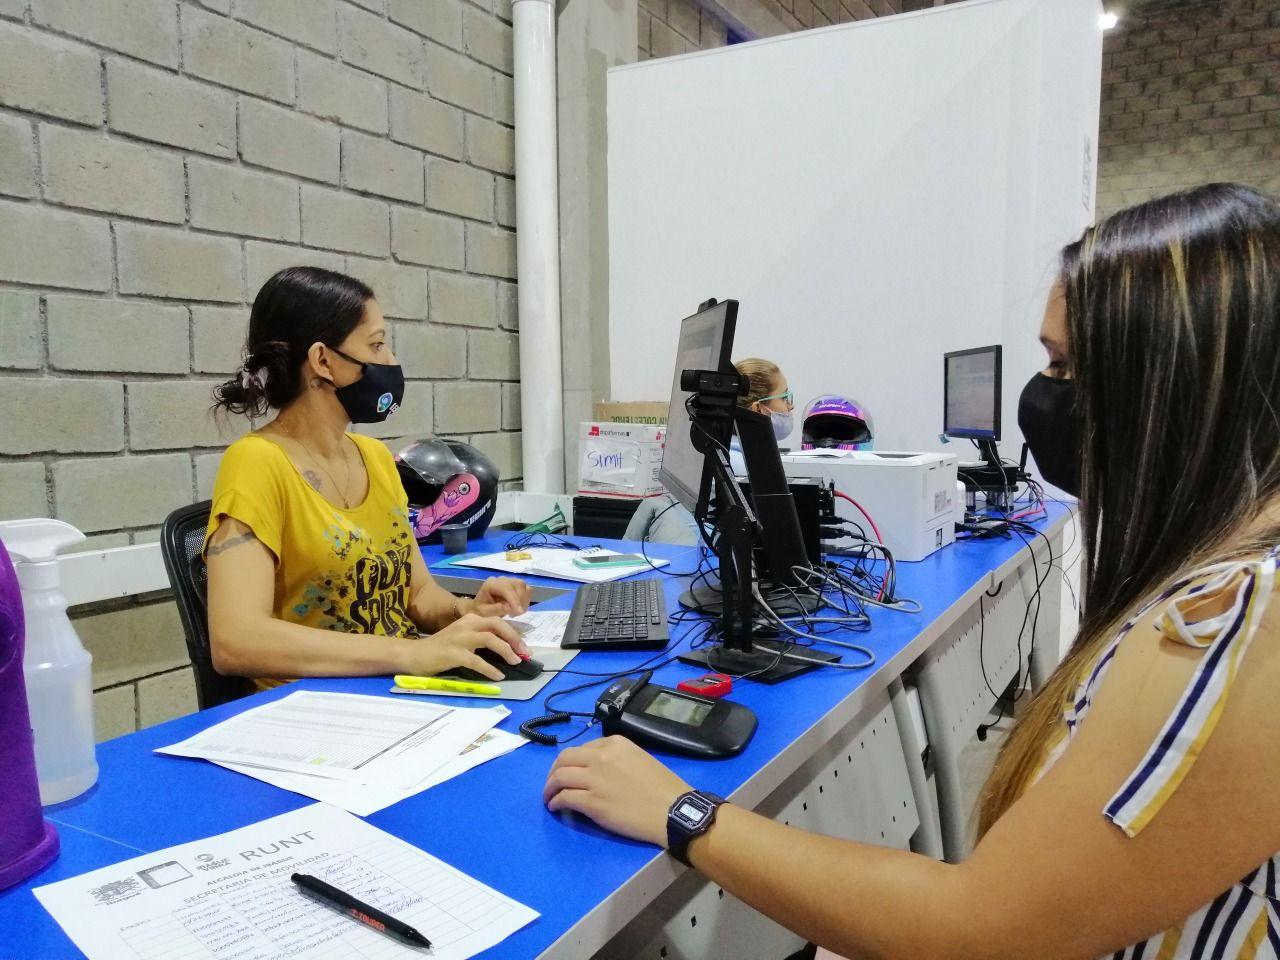 Secretaría de Movilidad avanza en su propósito de atender a 120.000 ibaguereños en el 2021